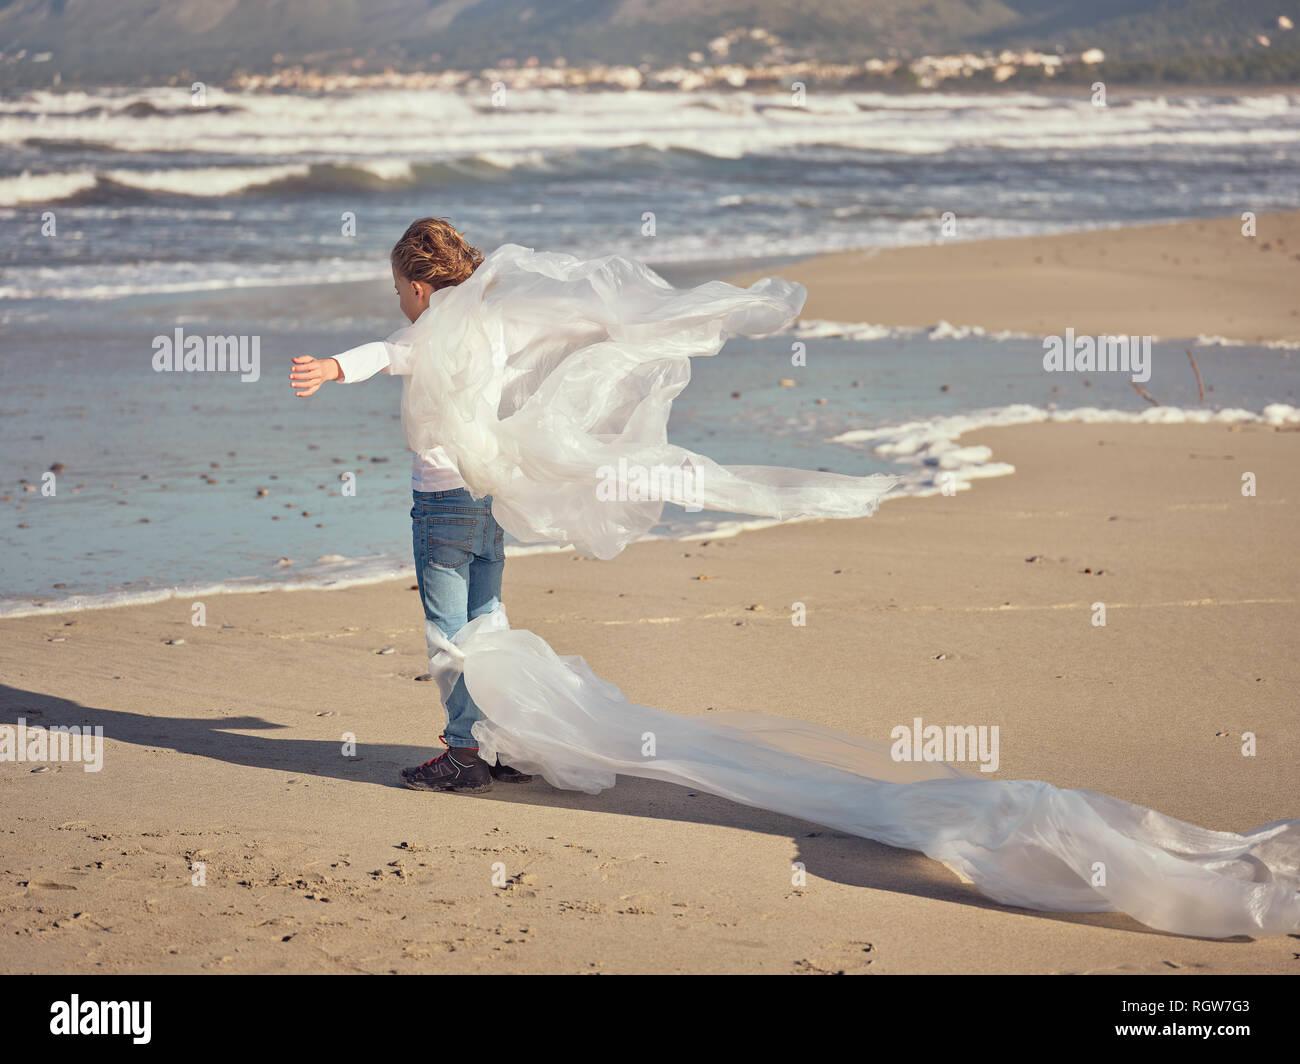 Faceless Child Concept Stock Photos & Faceless Child Concept